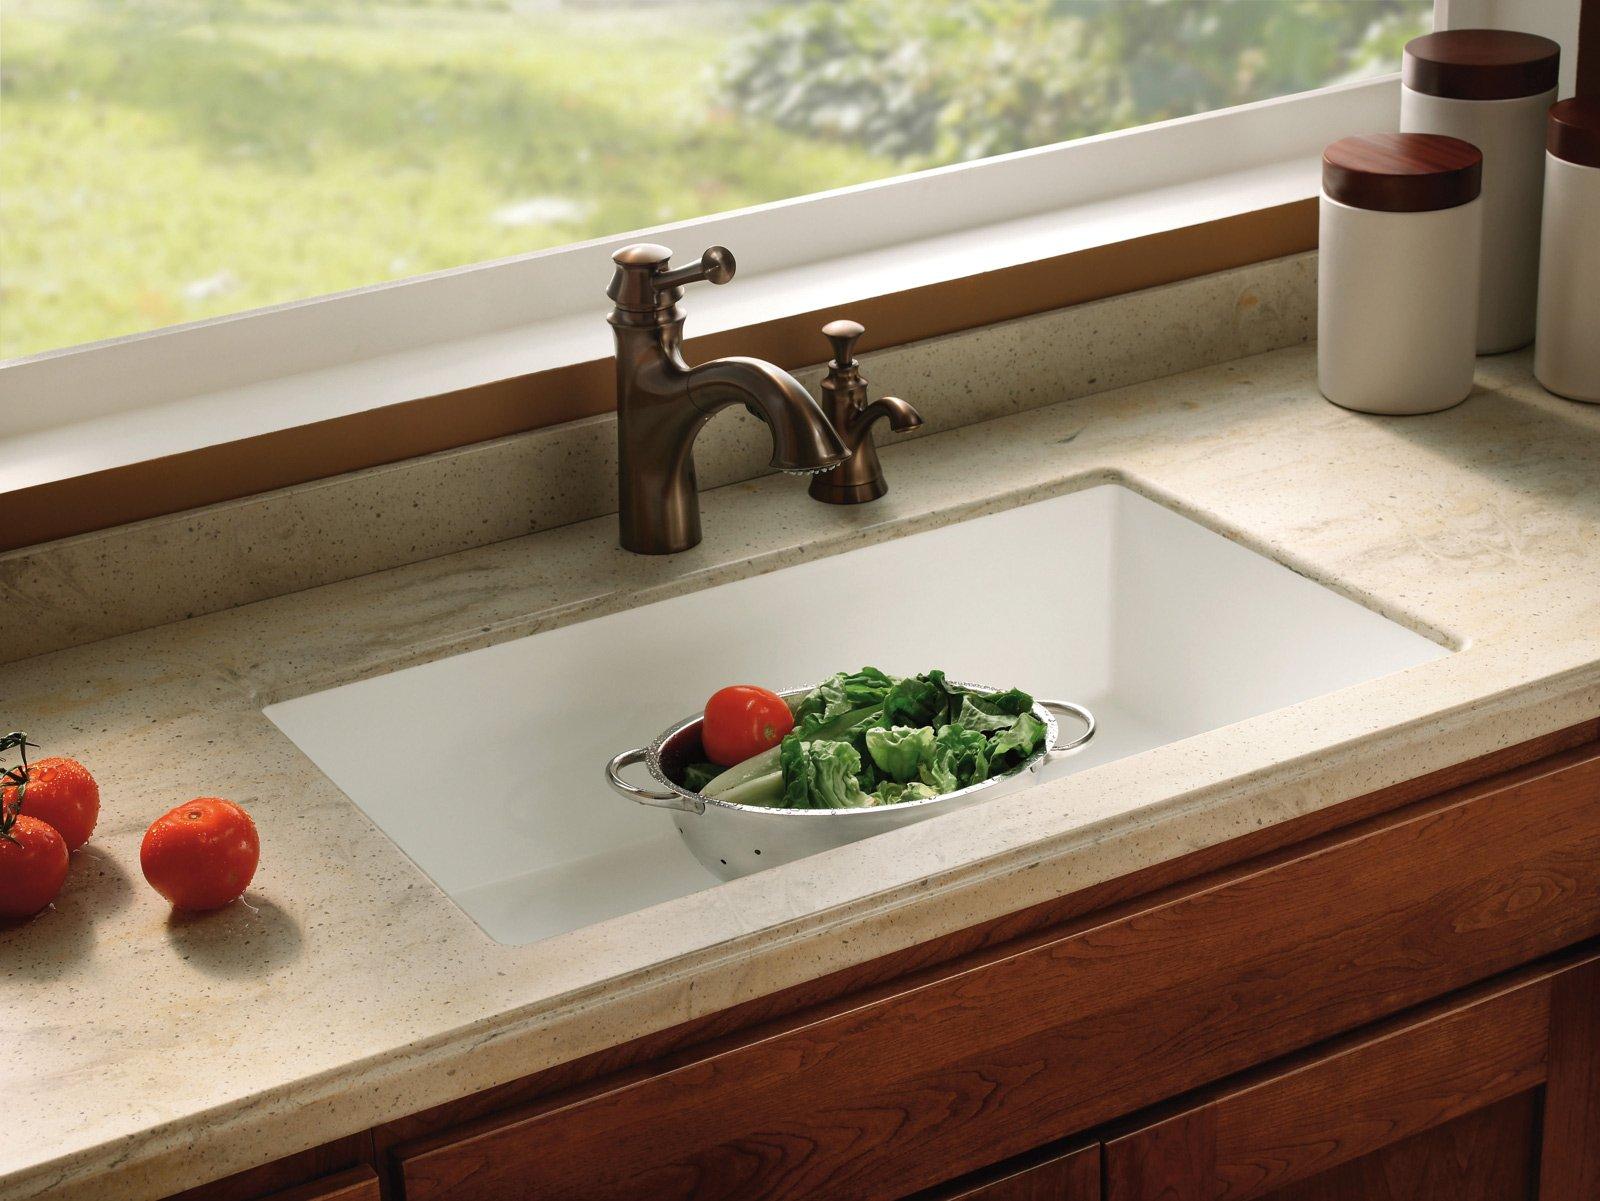 Cucina materiali che migliorano nel tempo cose di casa - Piano cucina in corian prezzi ...